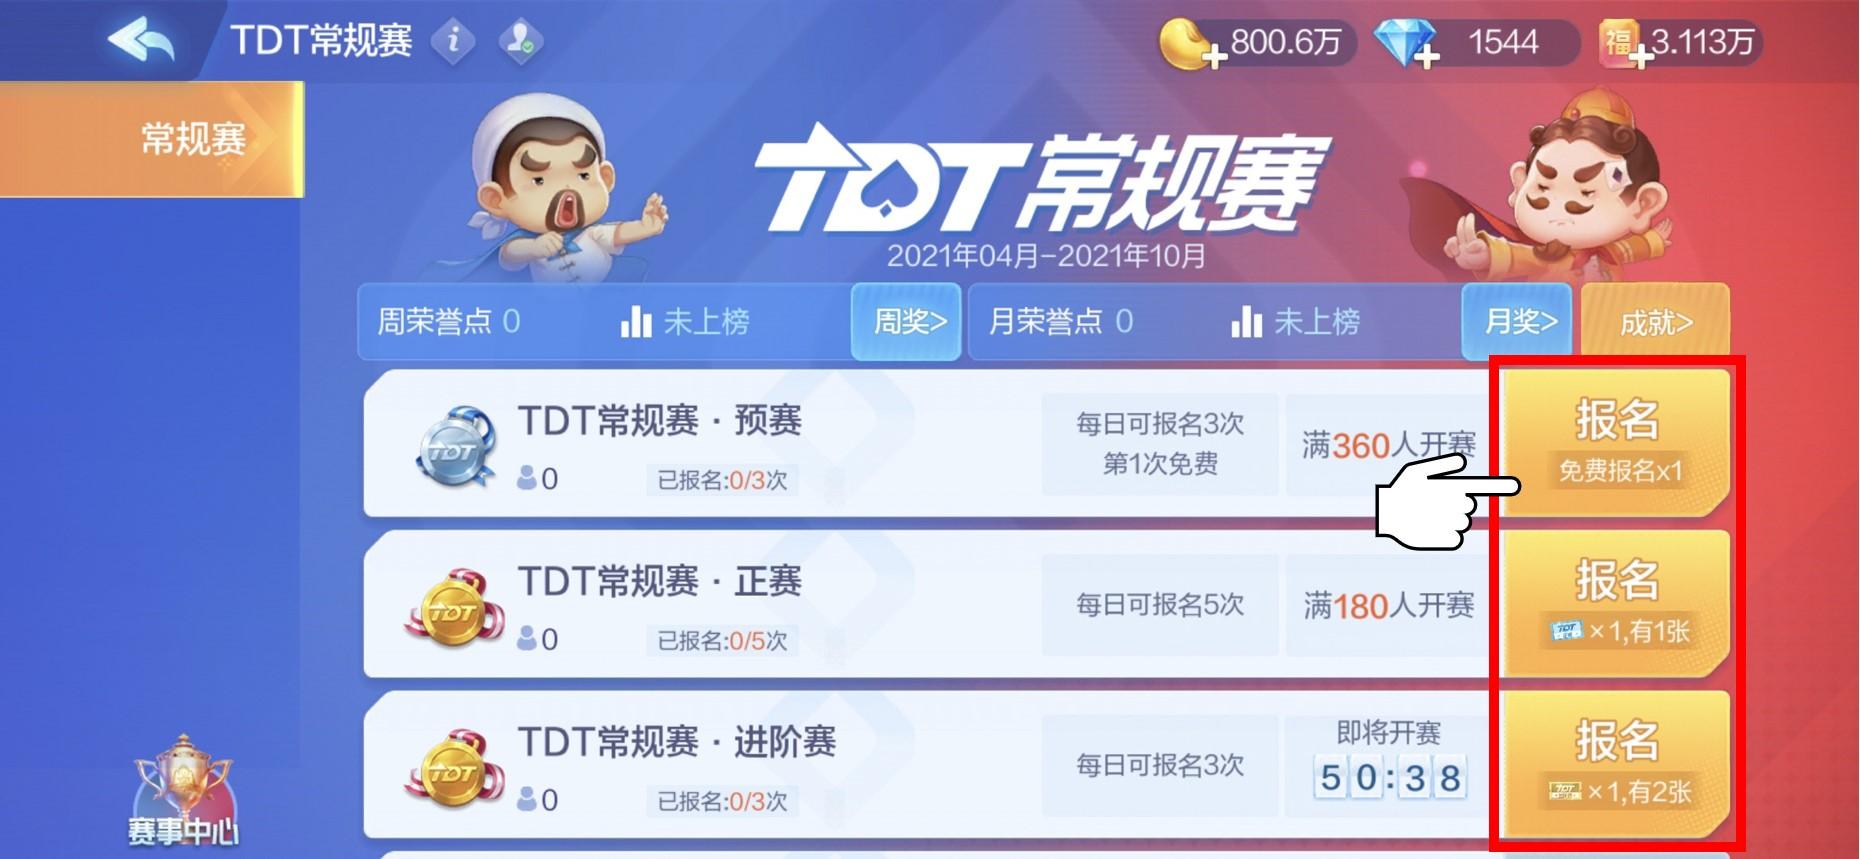 2021腾讯欢乐斗地主锦标赛(TDT)4月6日正式开赛,《欢乐斗地主》豪掷百万奖励布局全民电竞赛事